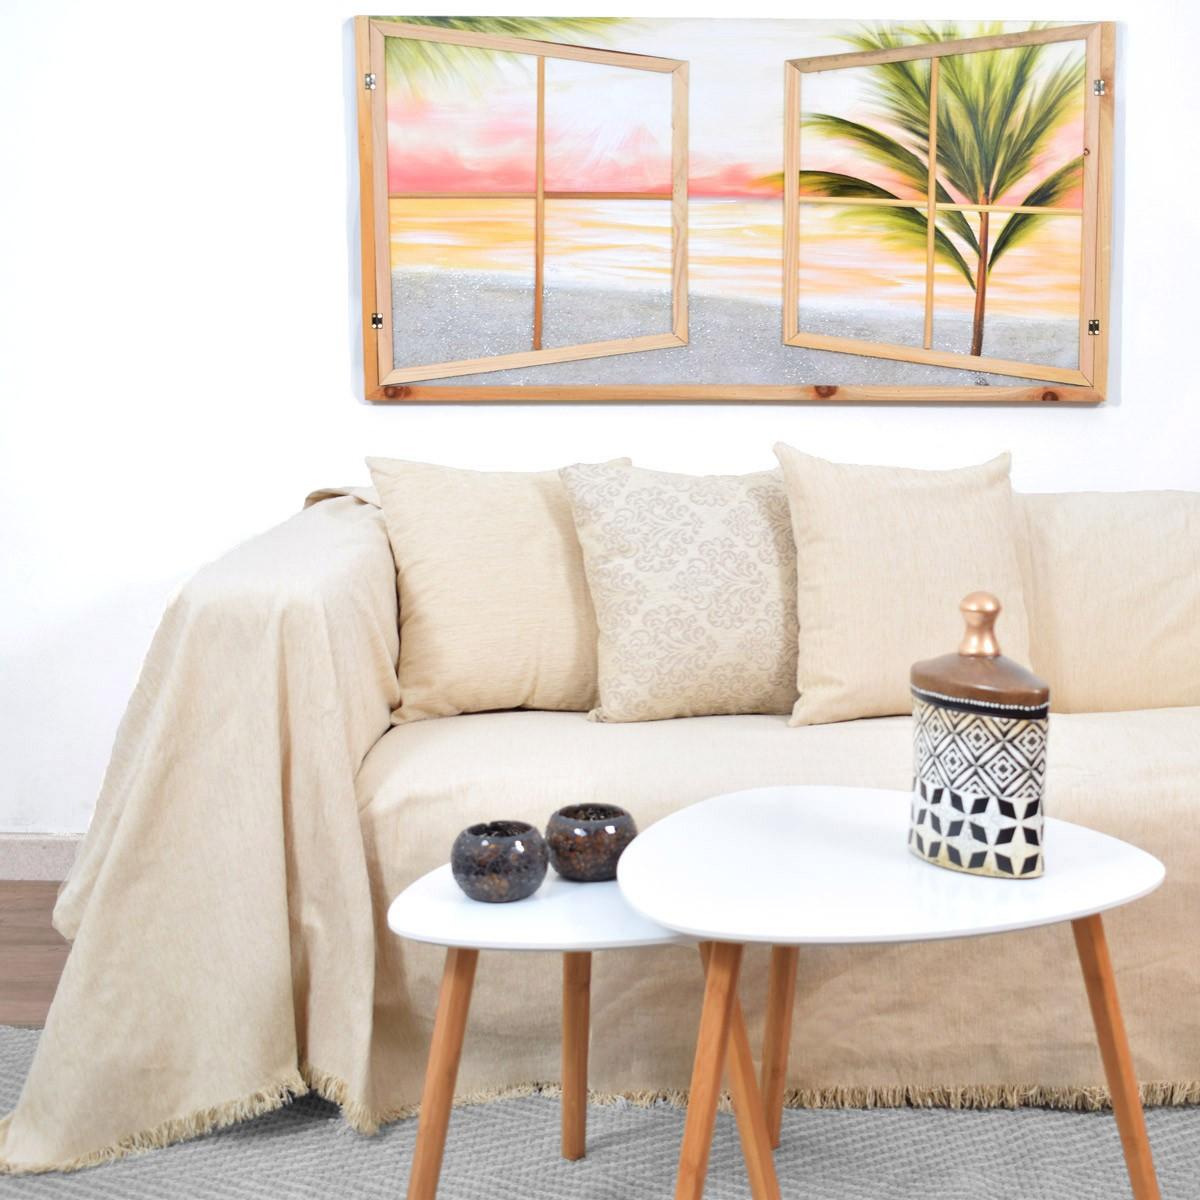 Ριχτάρι Πολυθρόνας (180×180) Ravelia Claro Ivory